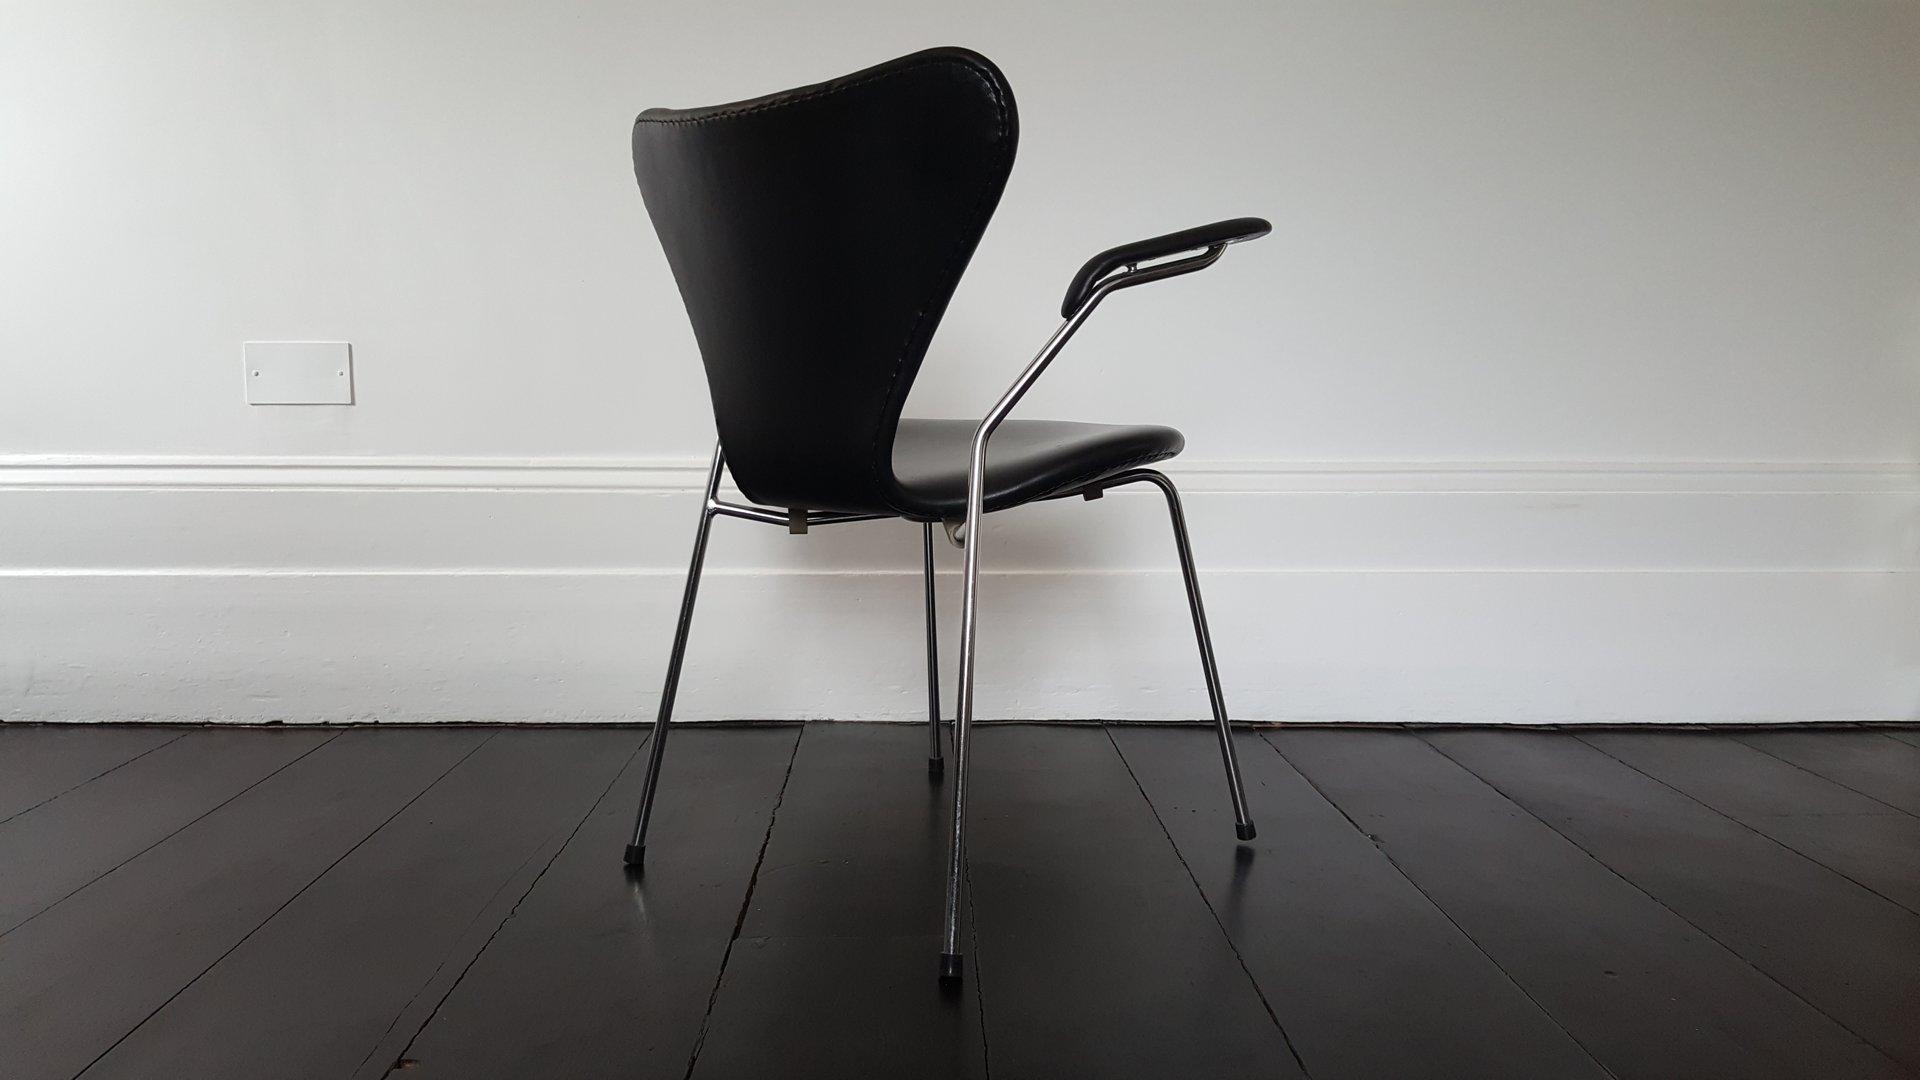 Modell 3207 series 7 armlehnstuhl aus kunstleder von arne for Armlehnstuhl kunstleder